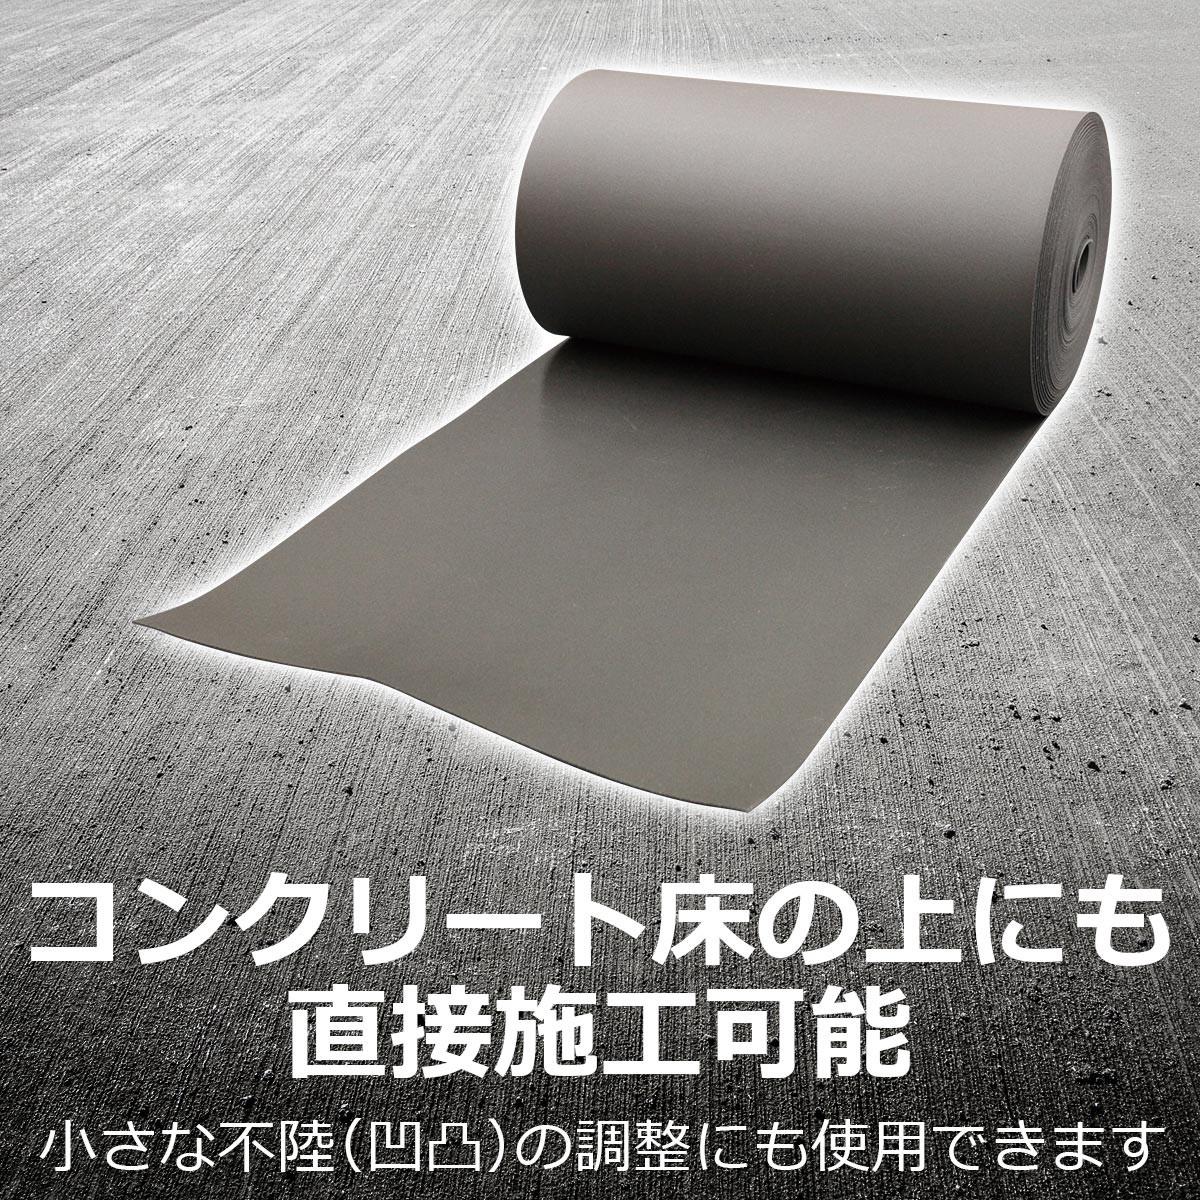 コンクリート床の上にも直接施工可能 小さな不陸(凹凸)の調整にも使用できます